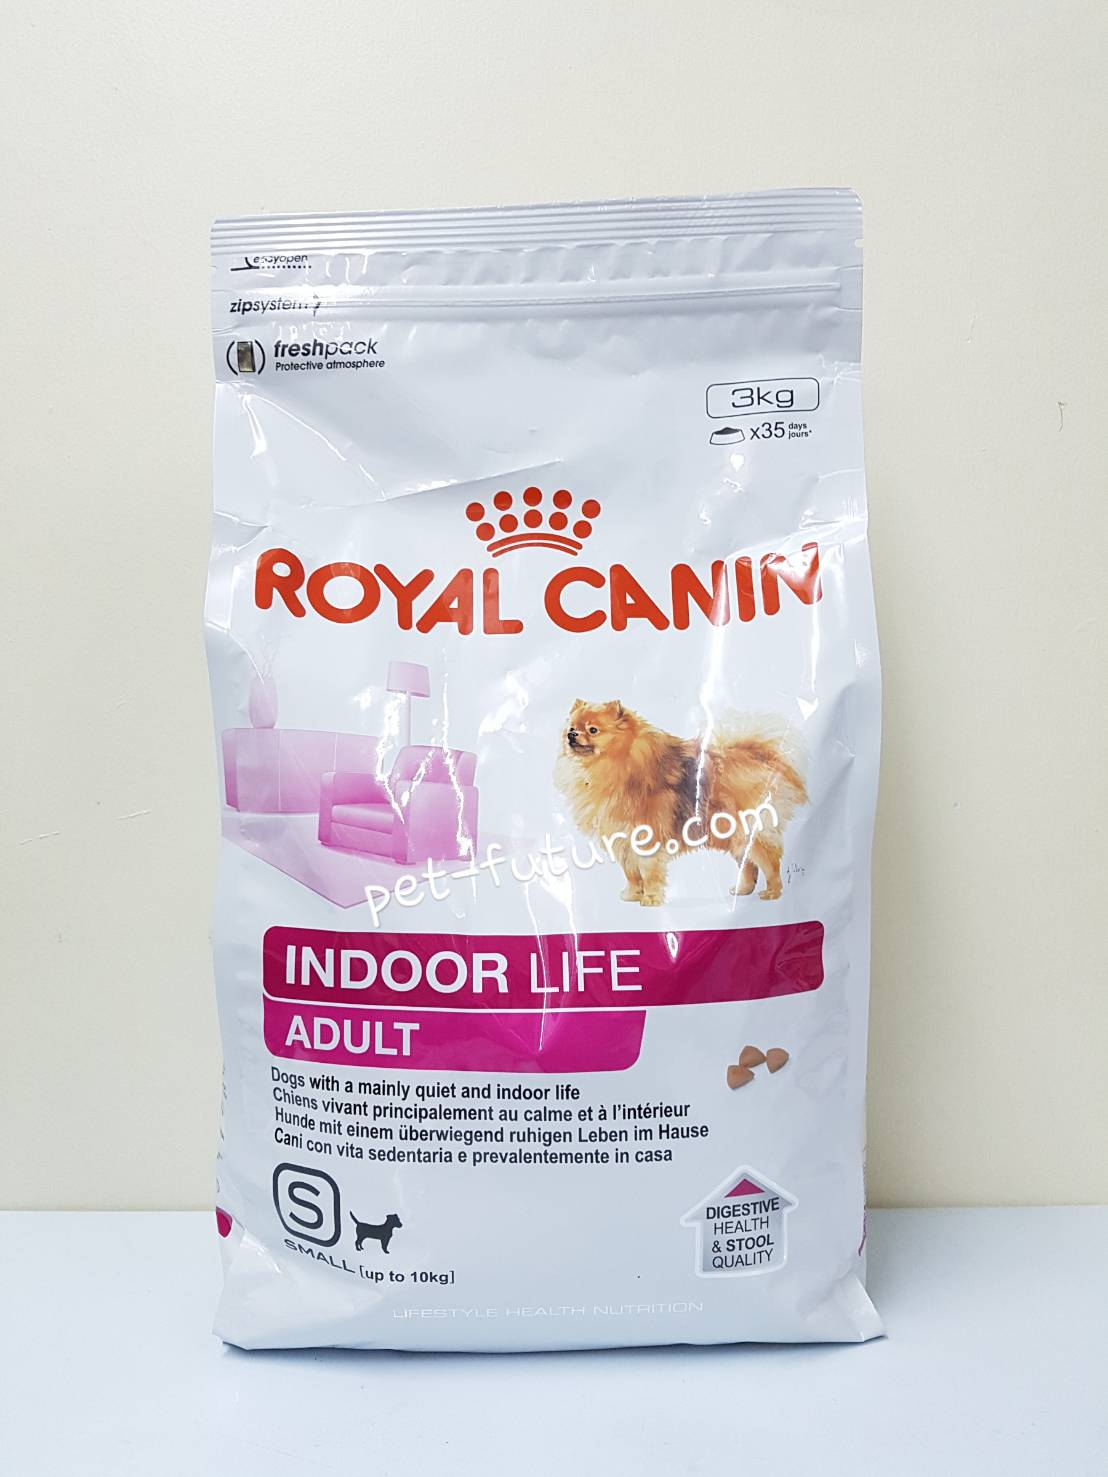 Indoor life Adult สุนัขโตขนาดเล็กอาศัยในบ้าน ขนาด 3 kg. Exp.02/18